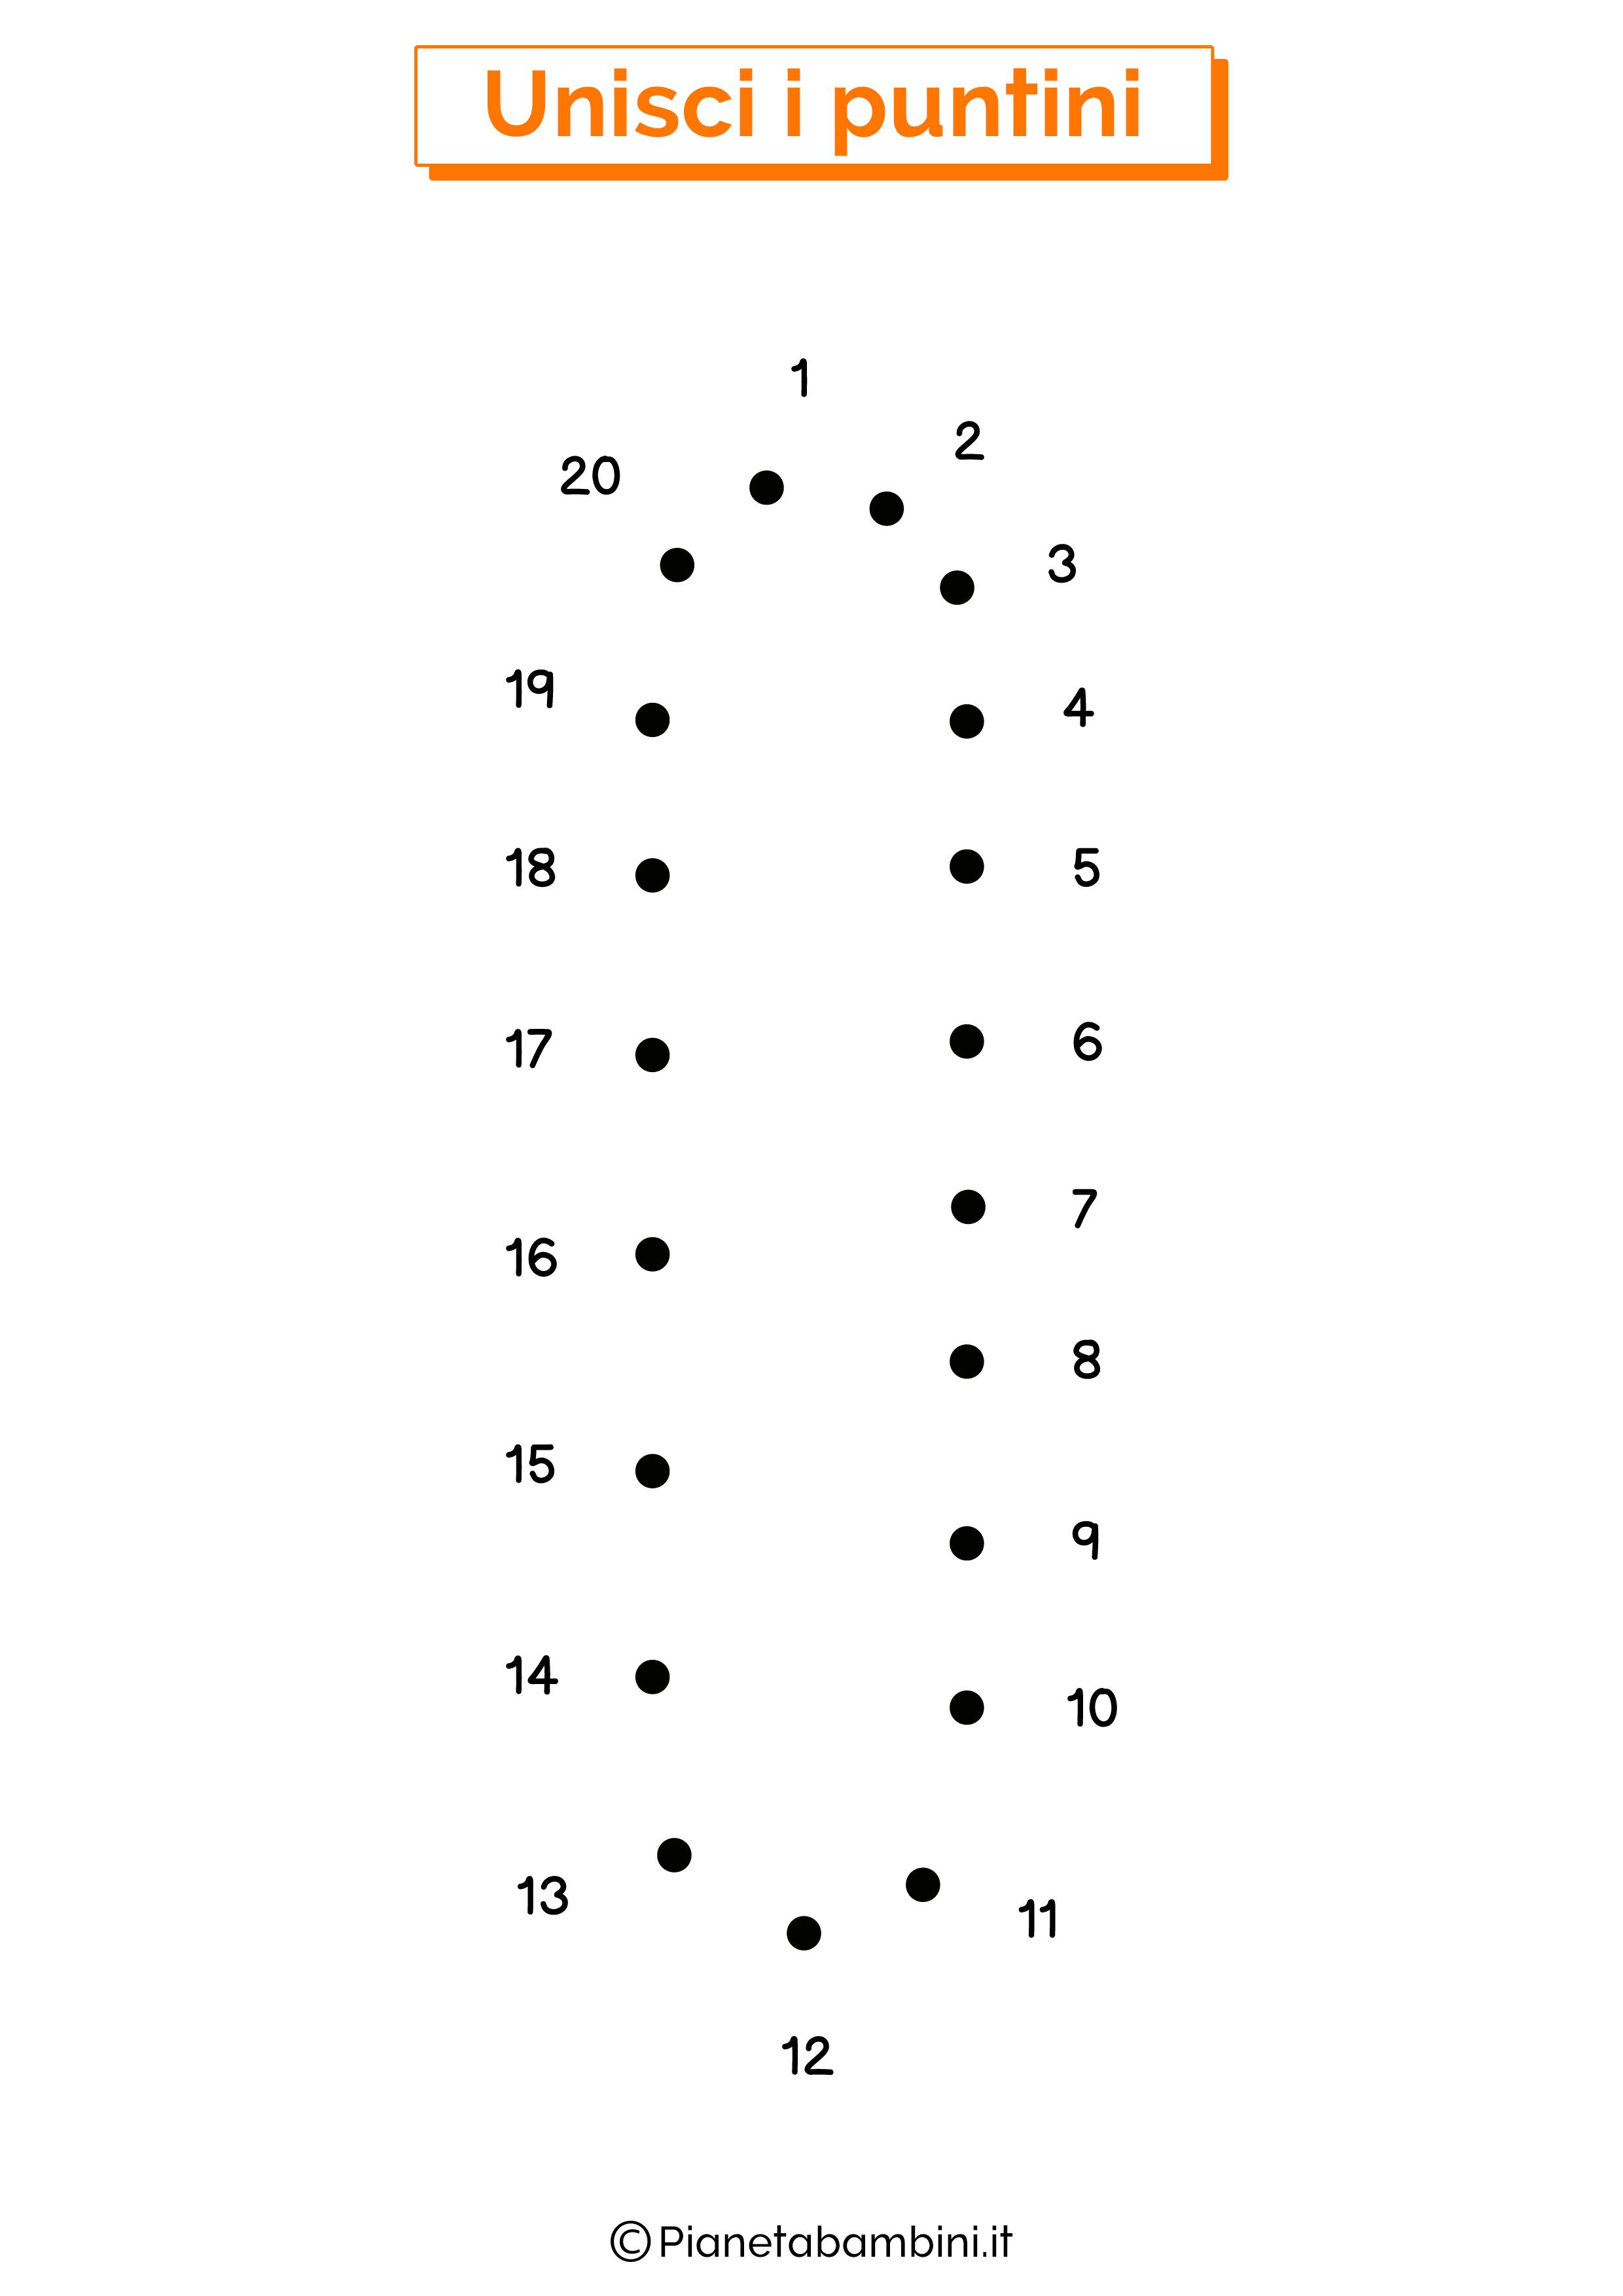 Unisci i puntini con la lettera I